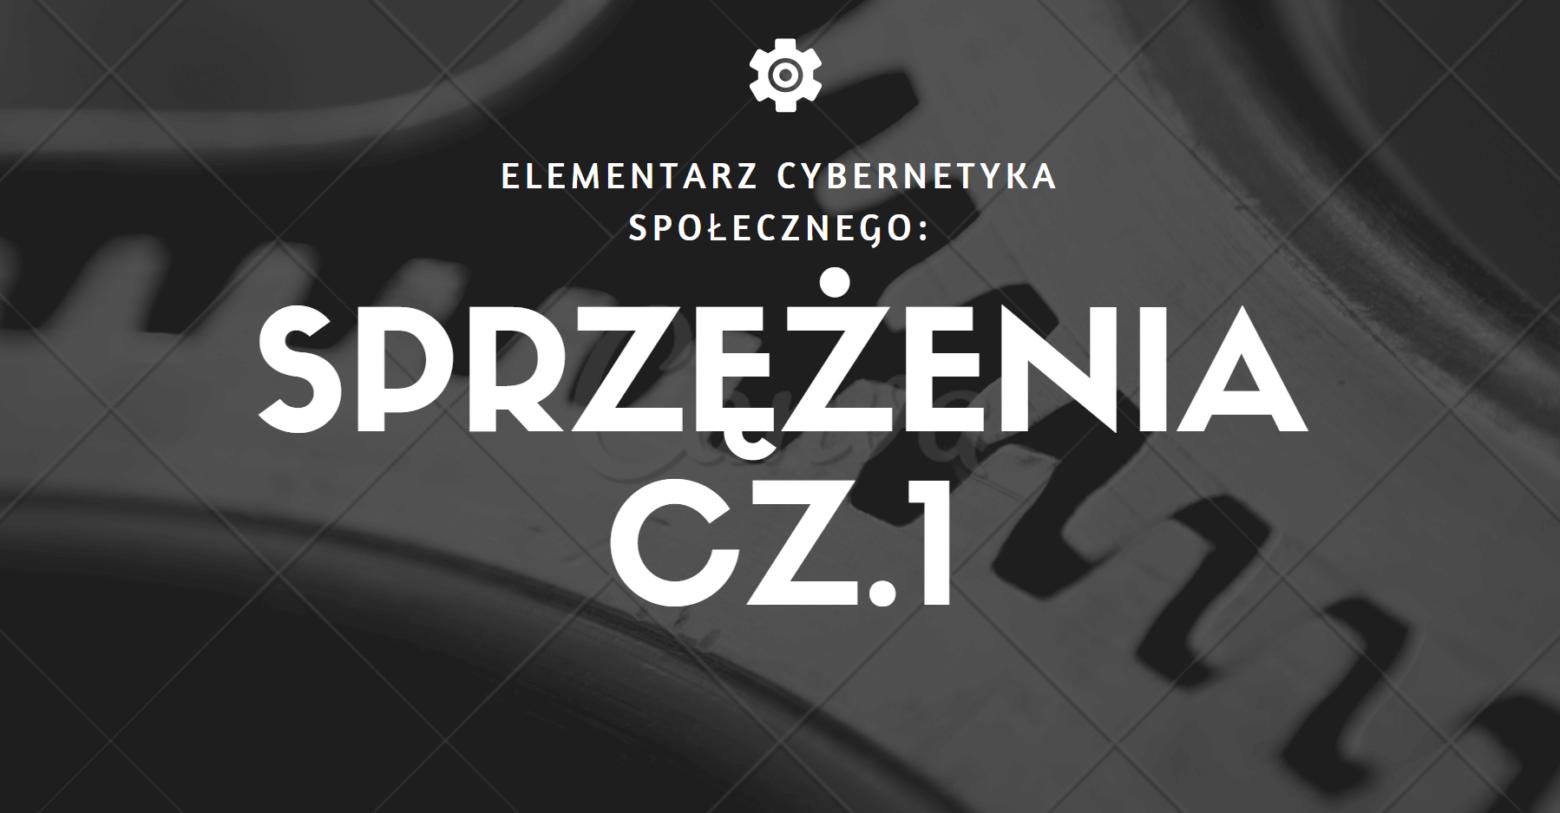 Elementarz cybernetyka społecznego: sprzężenia cz. 1